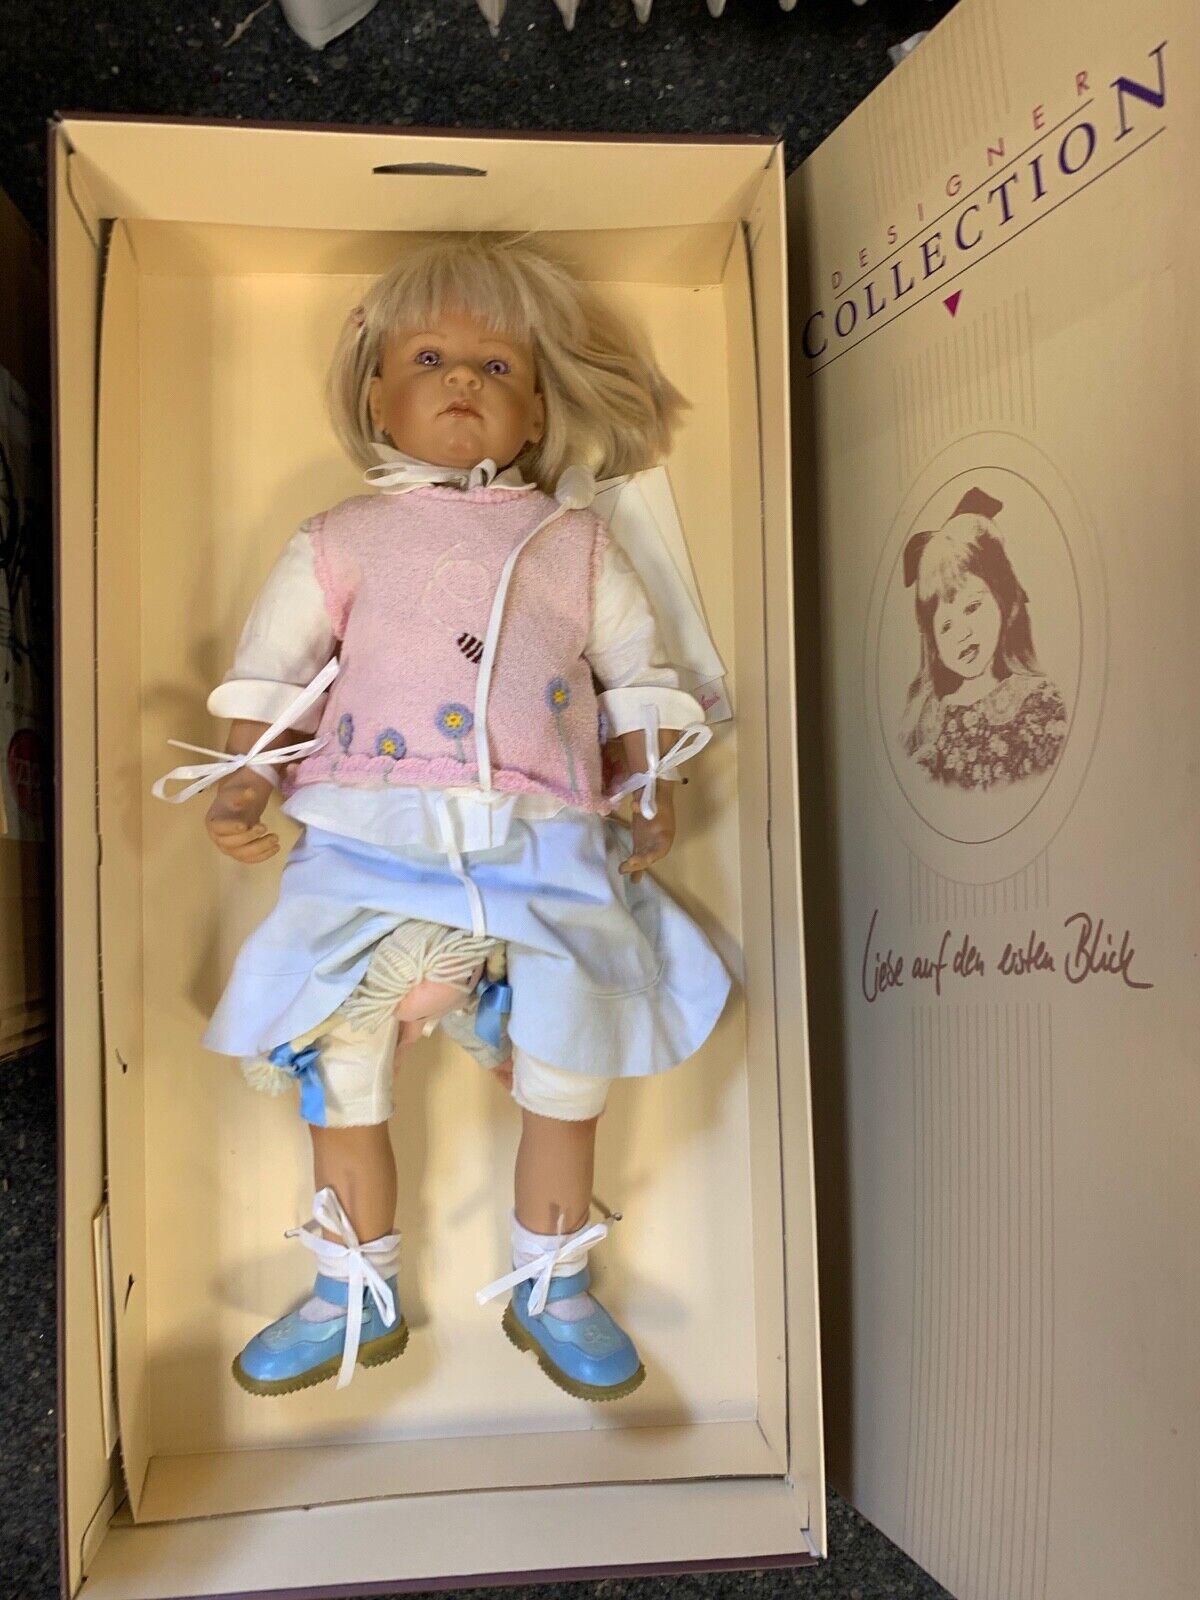 Bettine Klemm Vinyl Doll 74 cm. Top Zustand